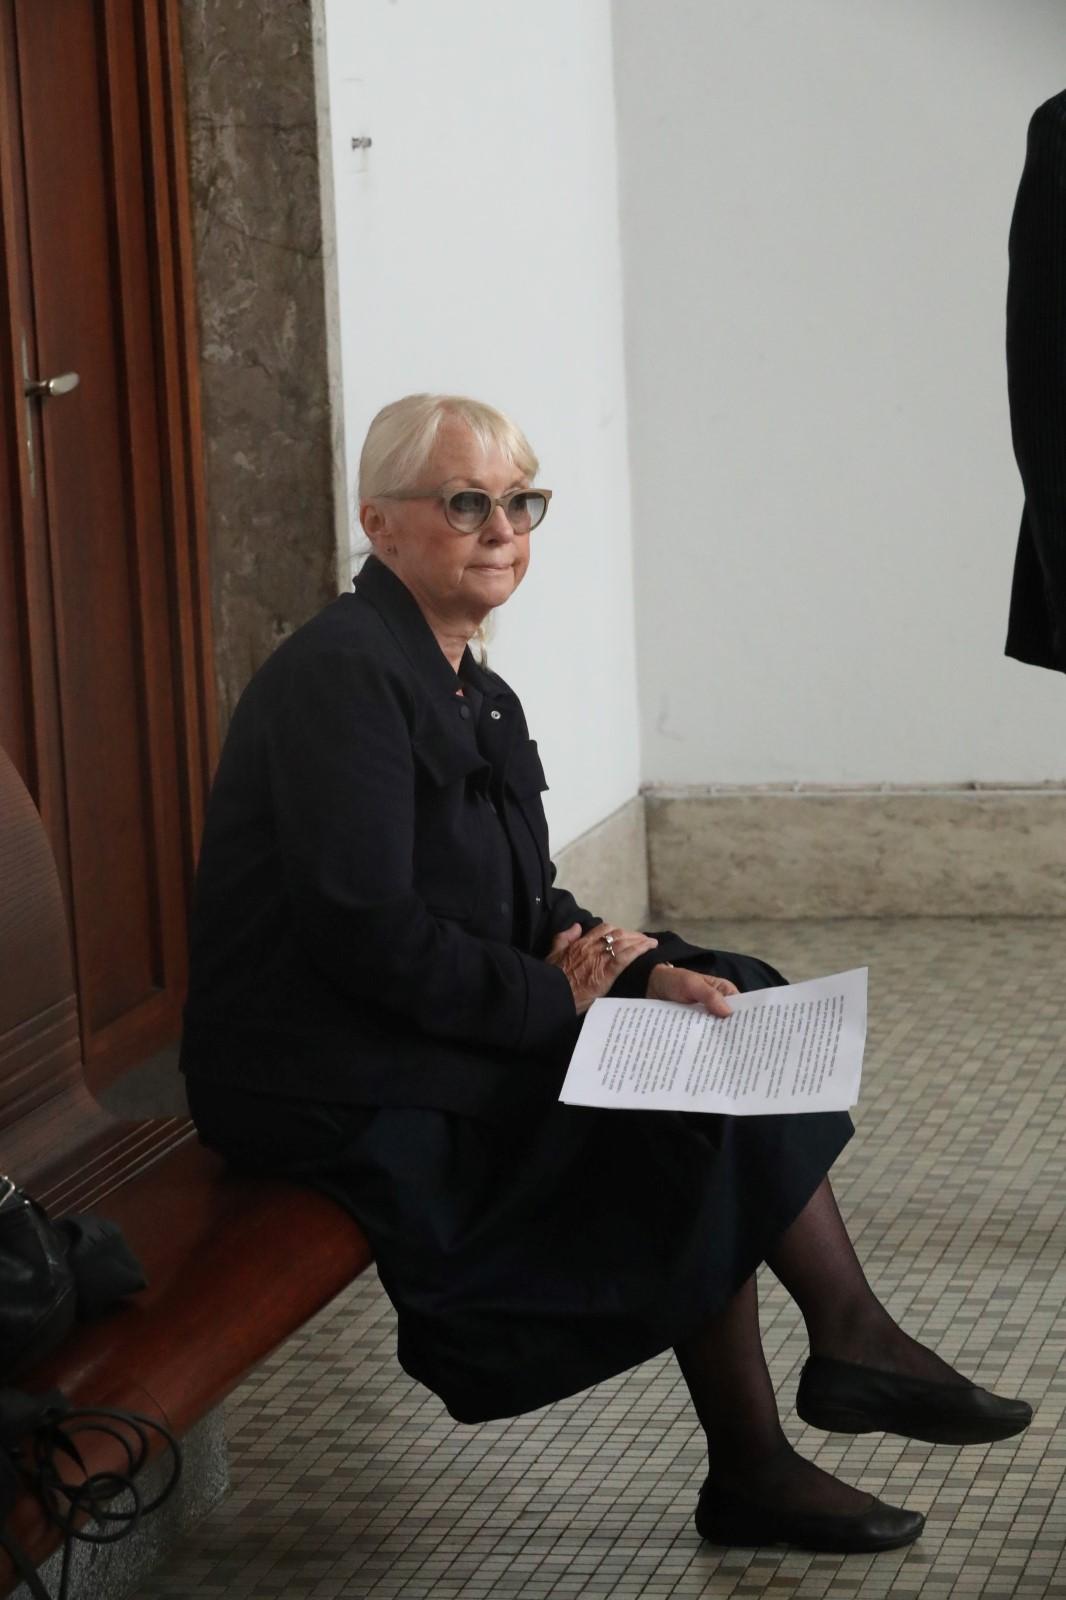 Pohřeb Jana Skopečka: Kateřina Macháčková